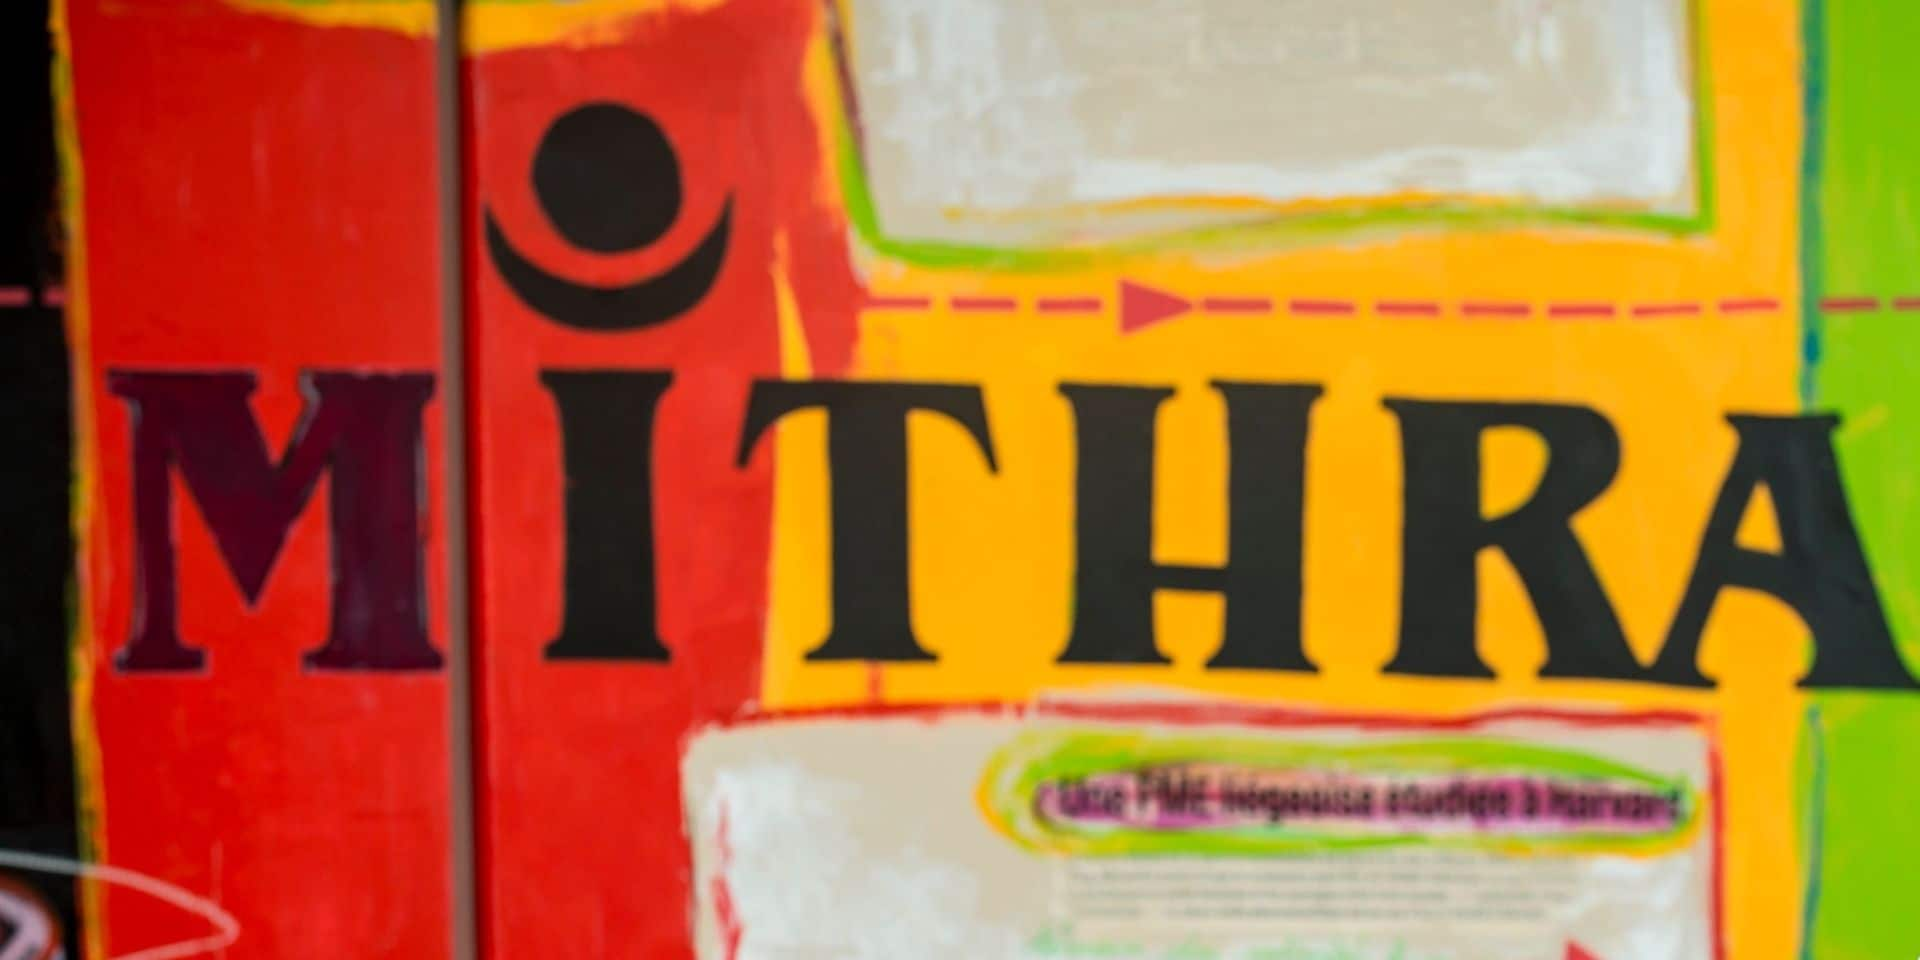 Mithra, l'ami liégeois de la santé des femmes a la cote auprès des analystes